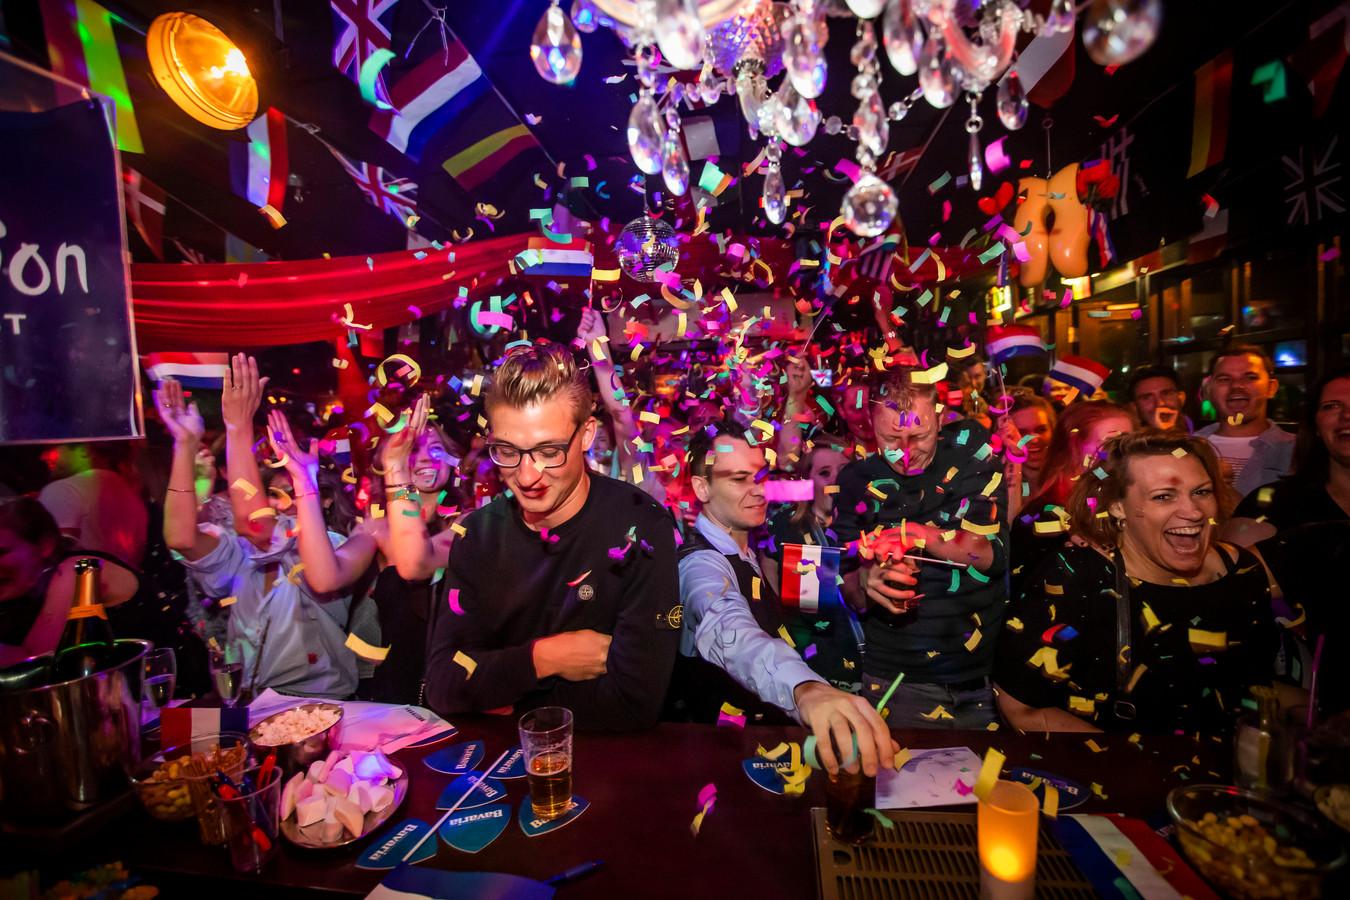 Songfestival feest in Gaybar De Regenboog Eindhoven